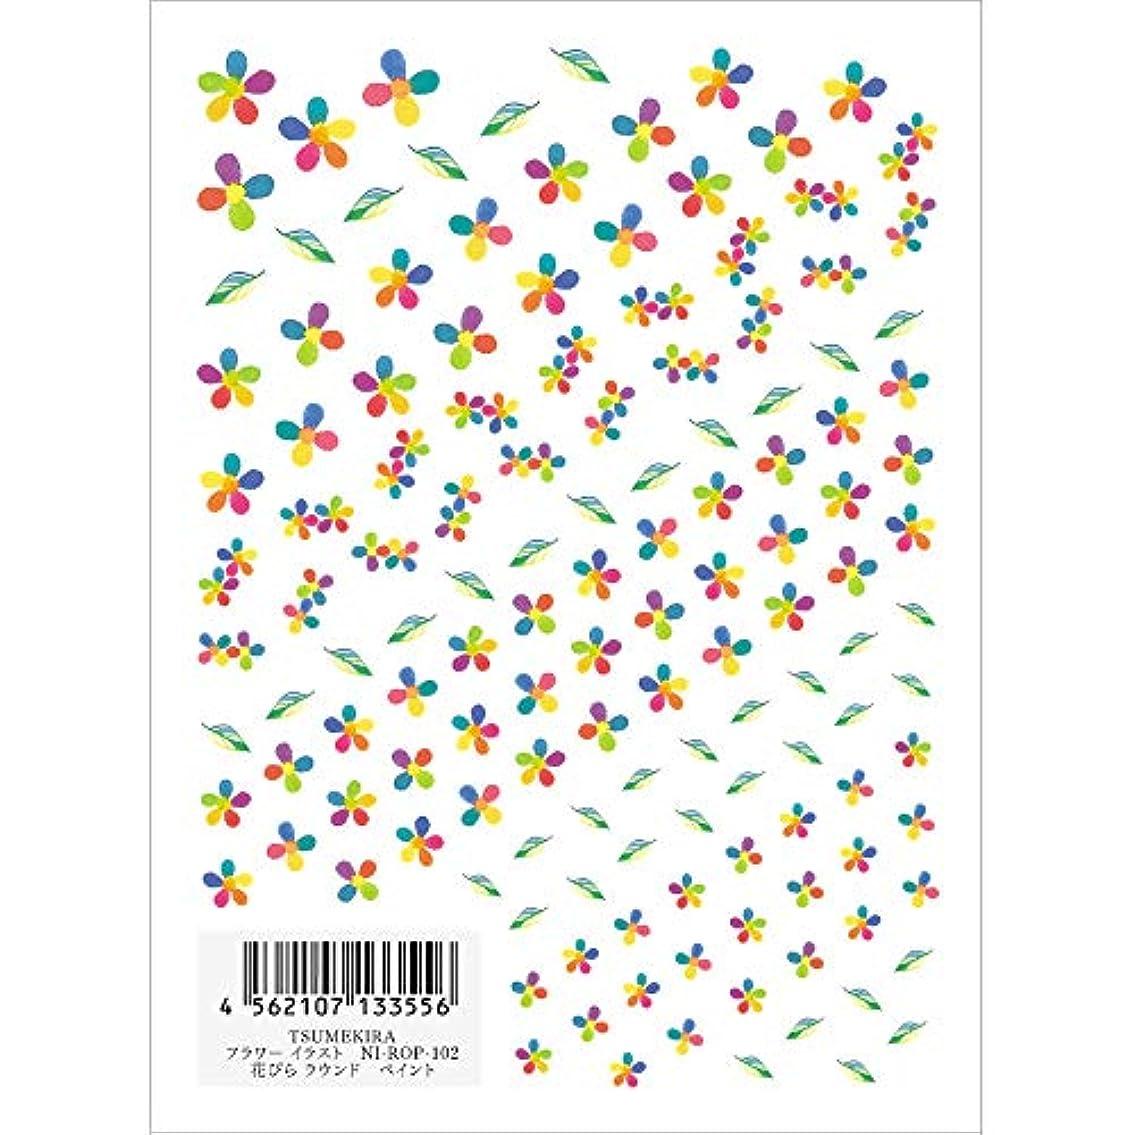 振る舞い帝国純度ツメキラ ネイル用シール フラワースタイル 花ビラ ラウンド ペイント